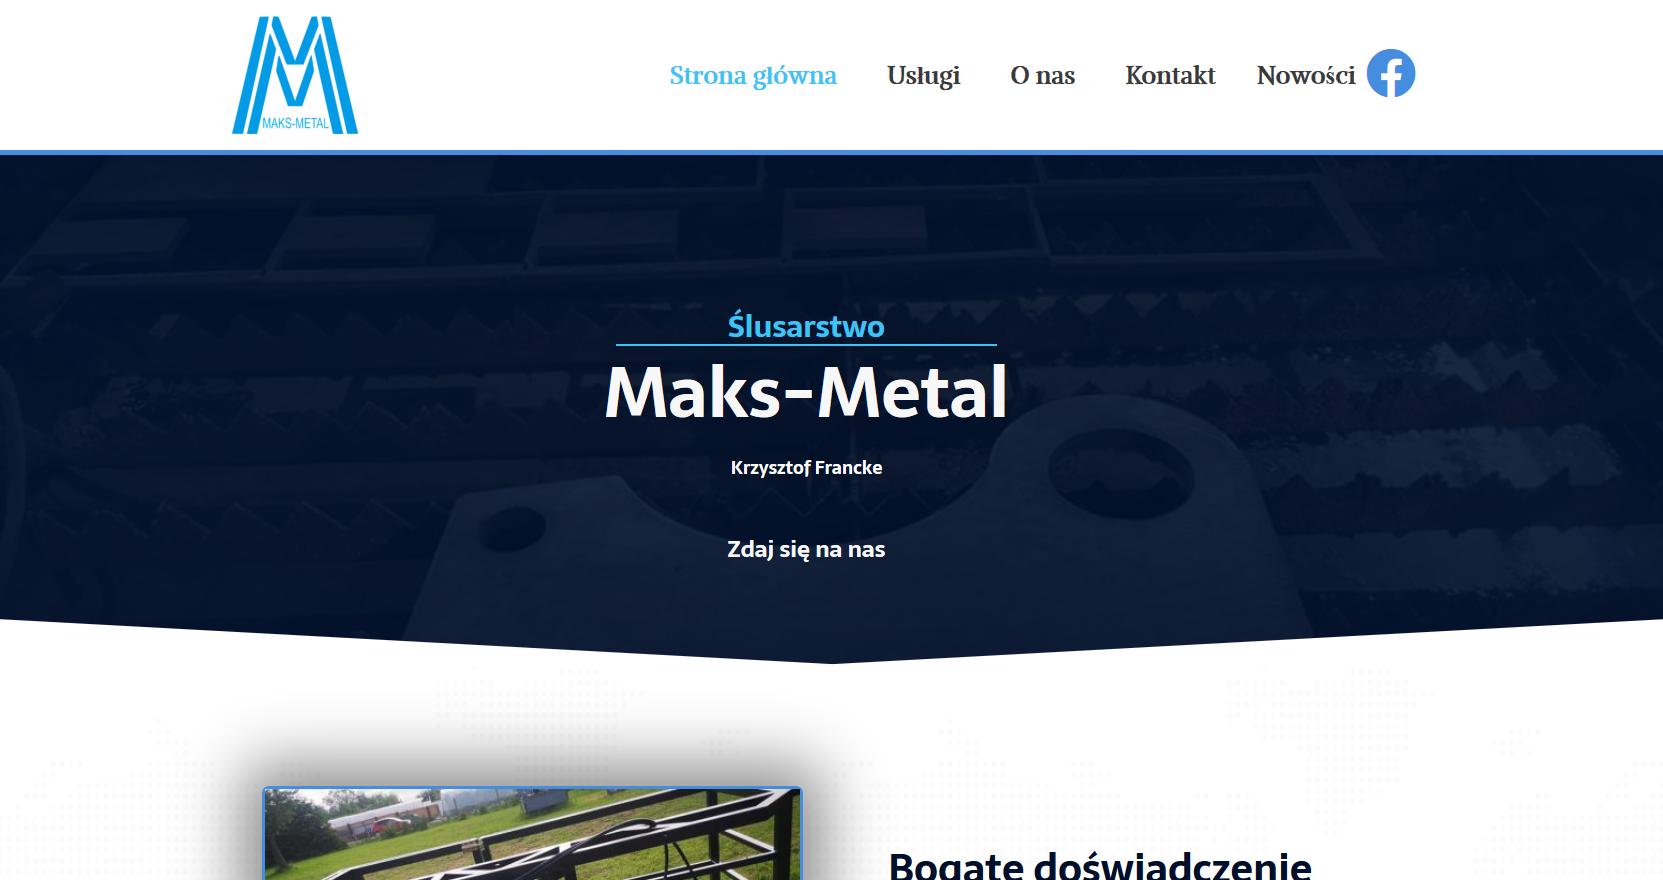 Maks-metal